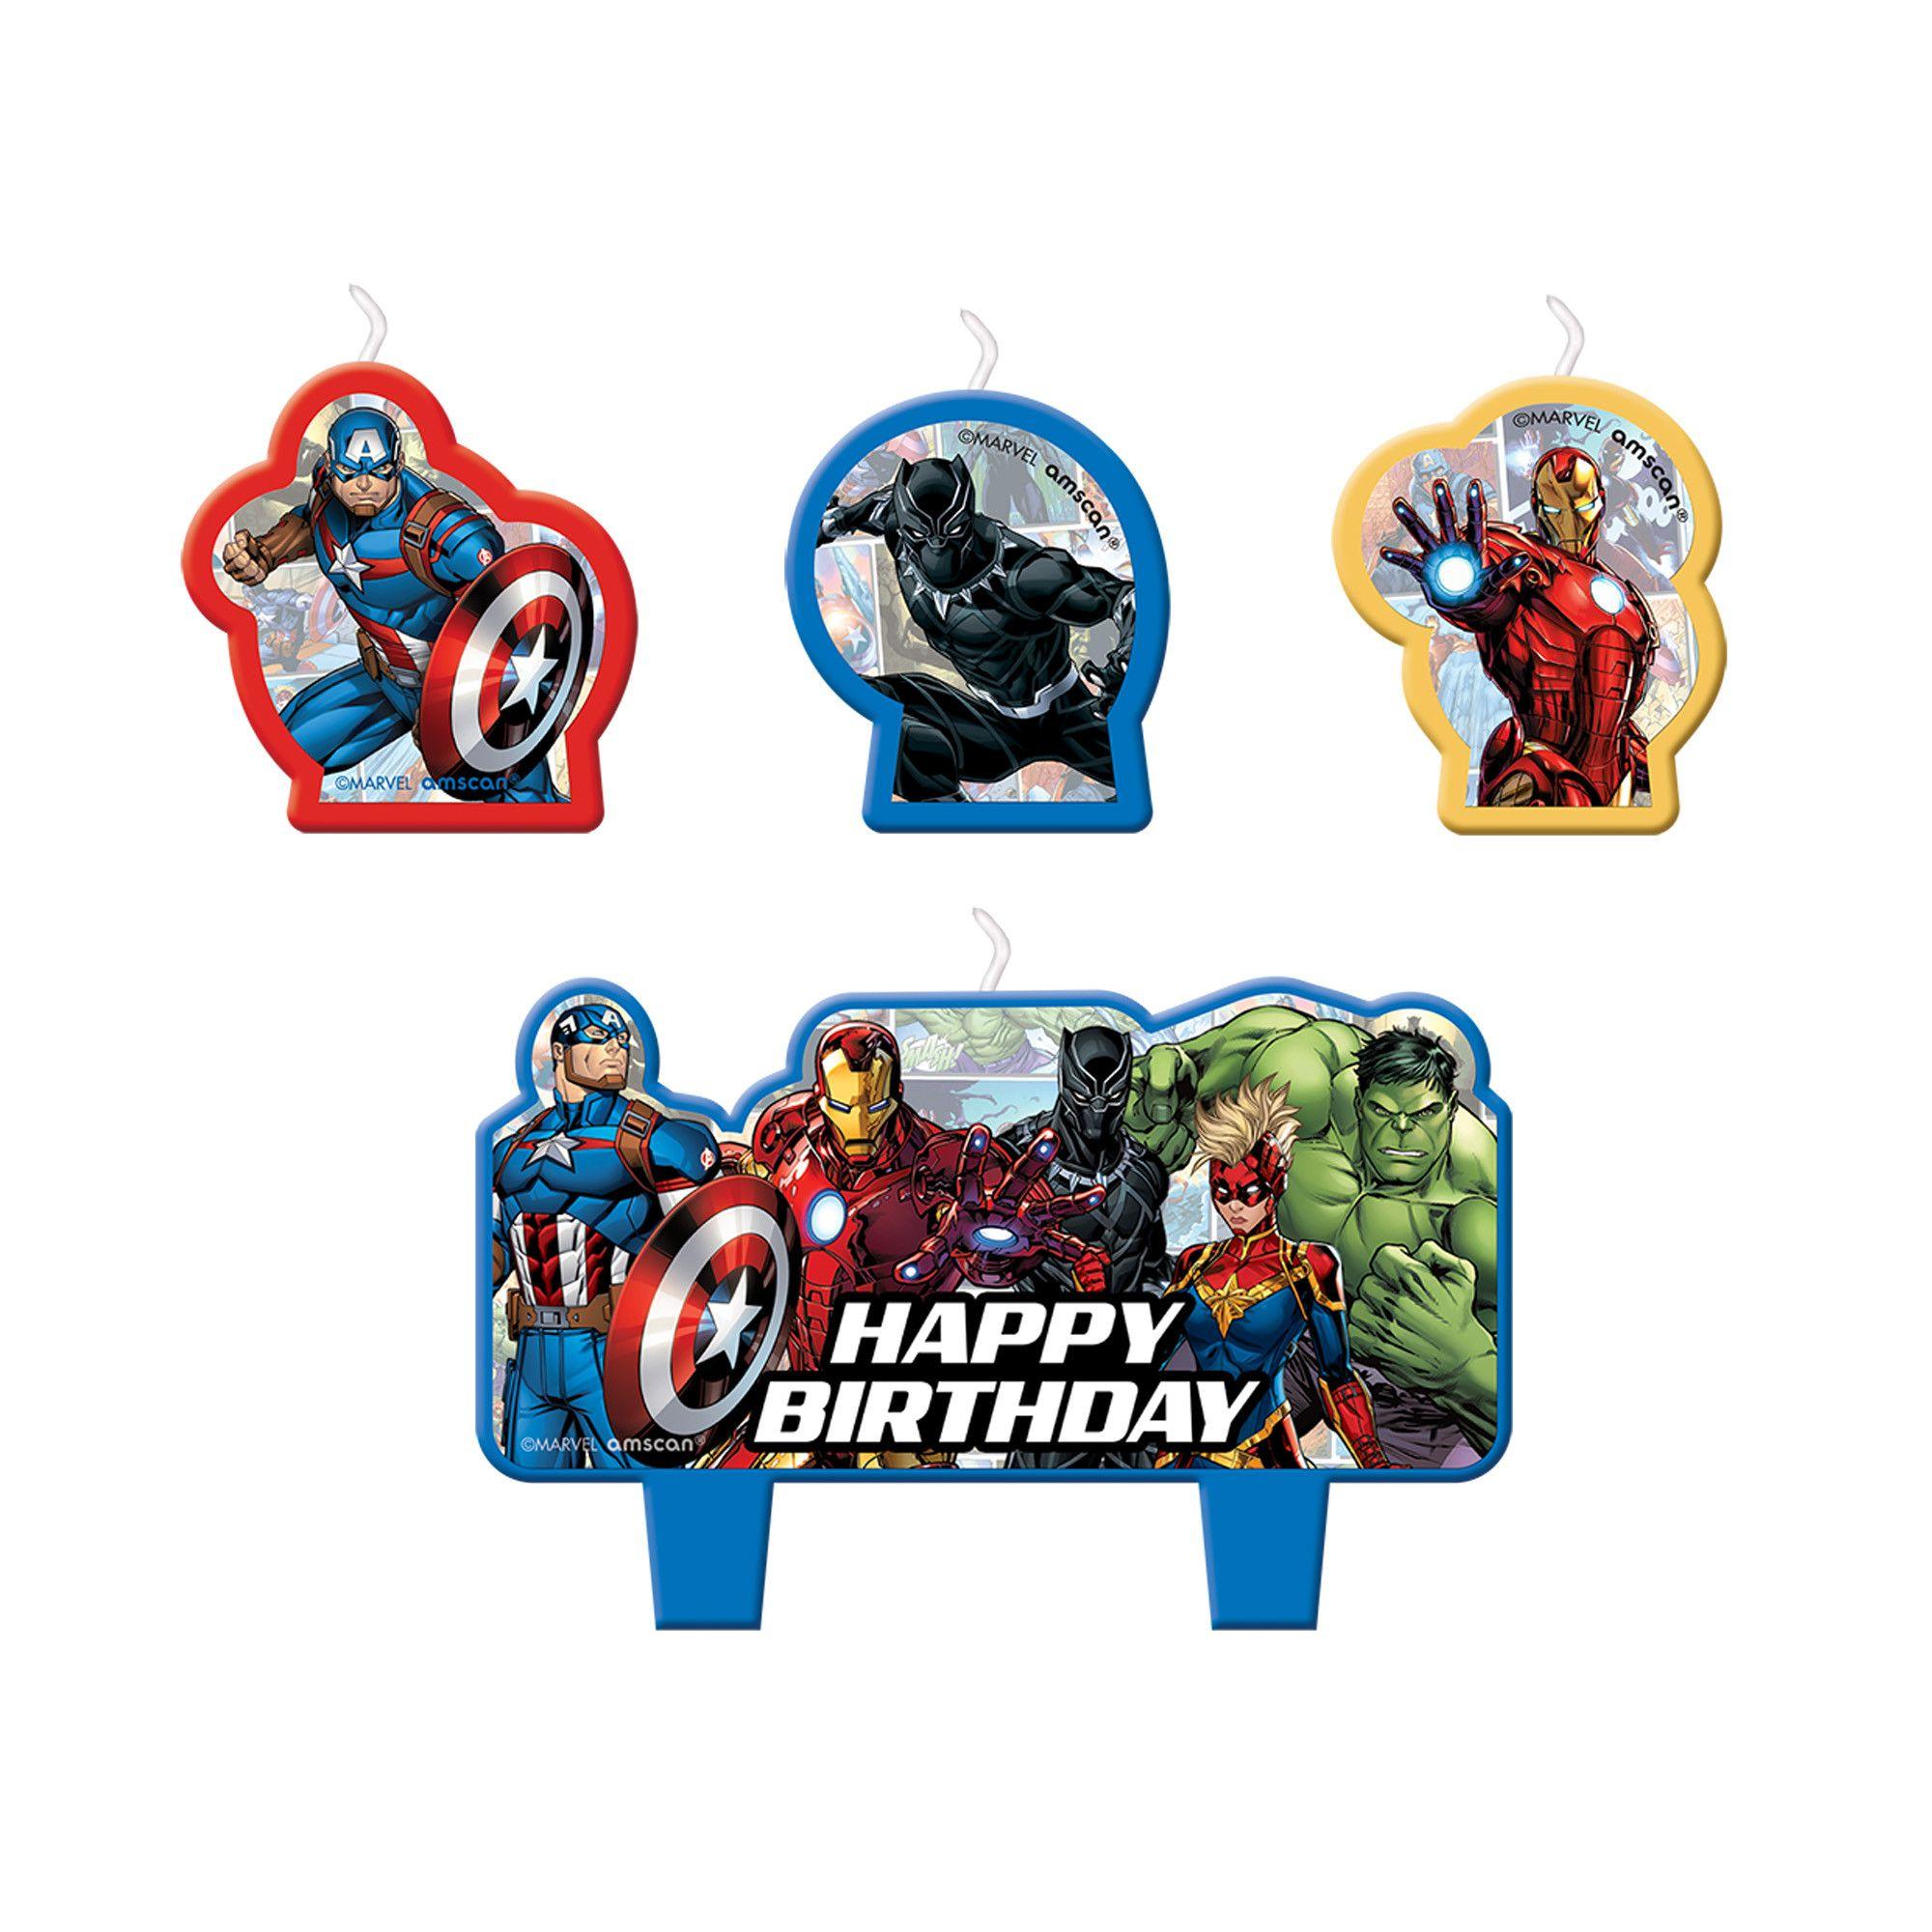 Avengers Powers Unite Bday Candle Set